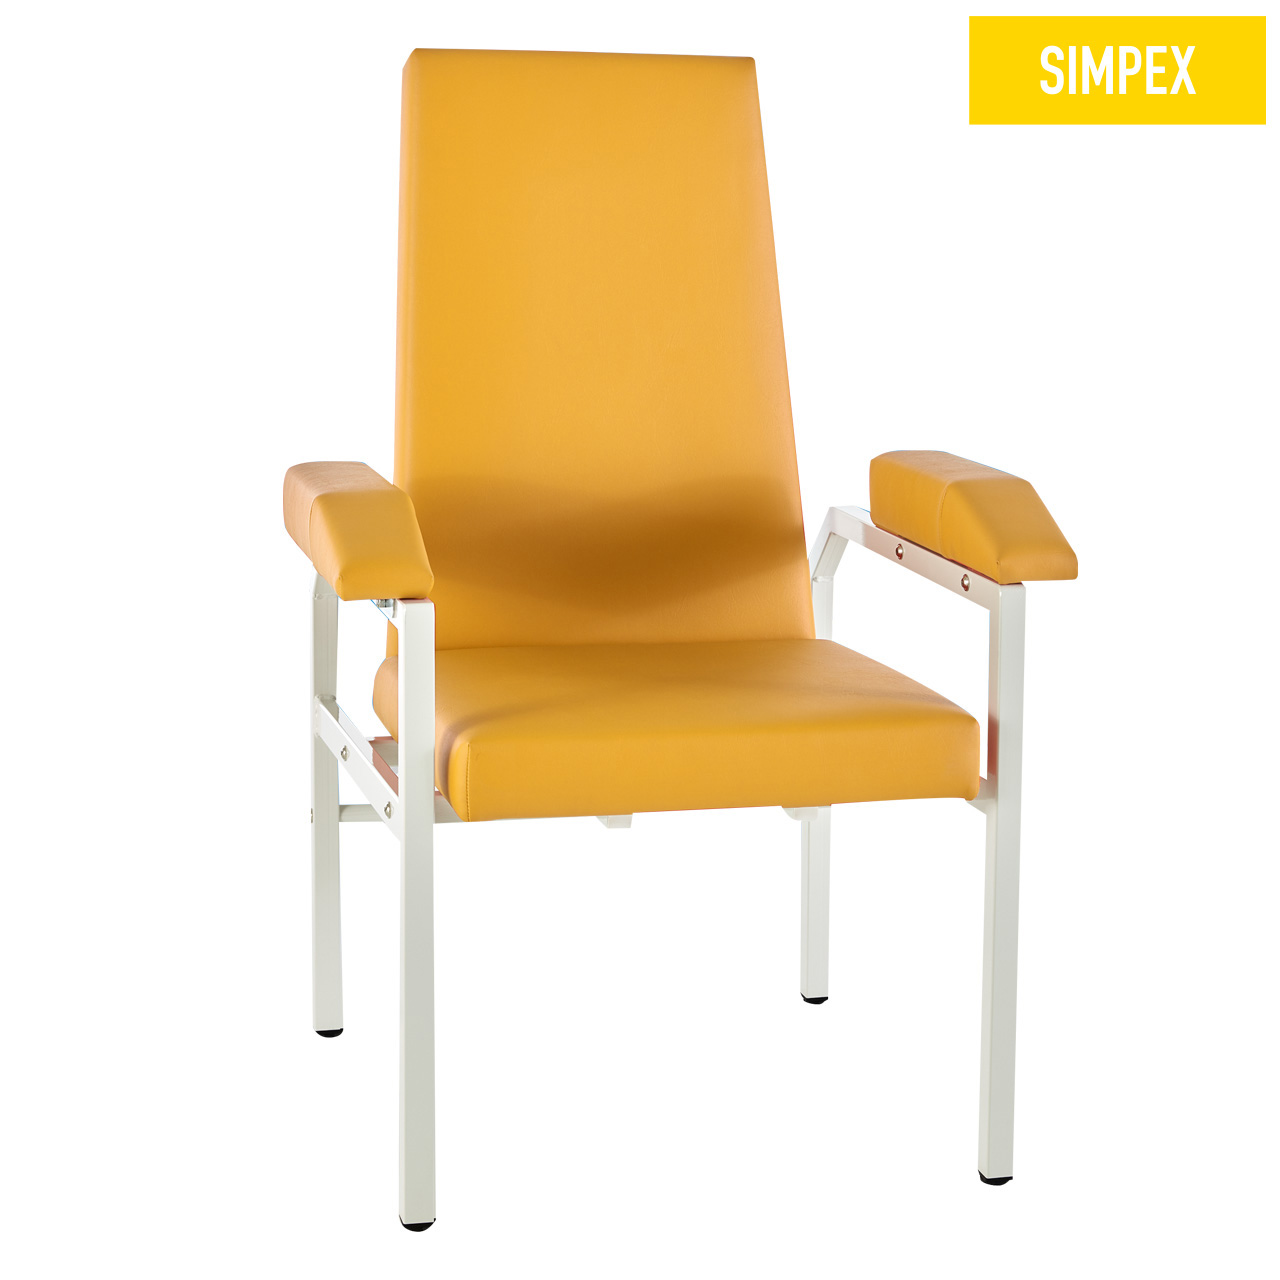 Blutentnahmestuhl Sessel HAEMO-STAT Cuneo XL mit Kunstleder in gelb (mais) und einem Gestell aus Stahl grauweiß gepulvert von SIMPEX